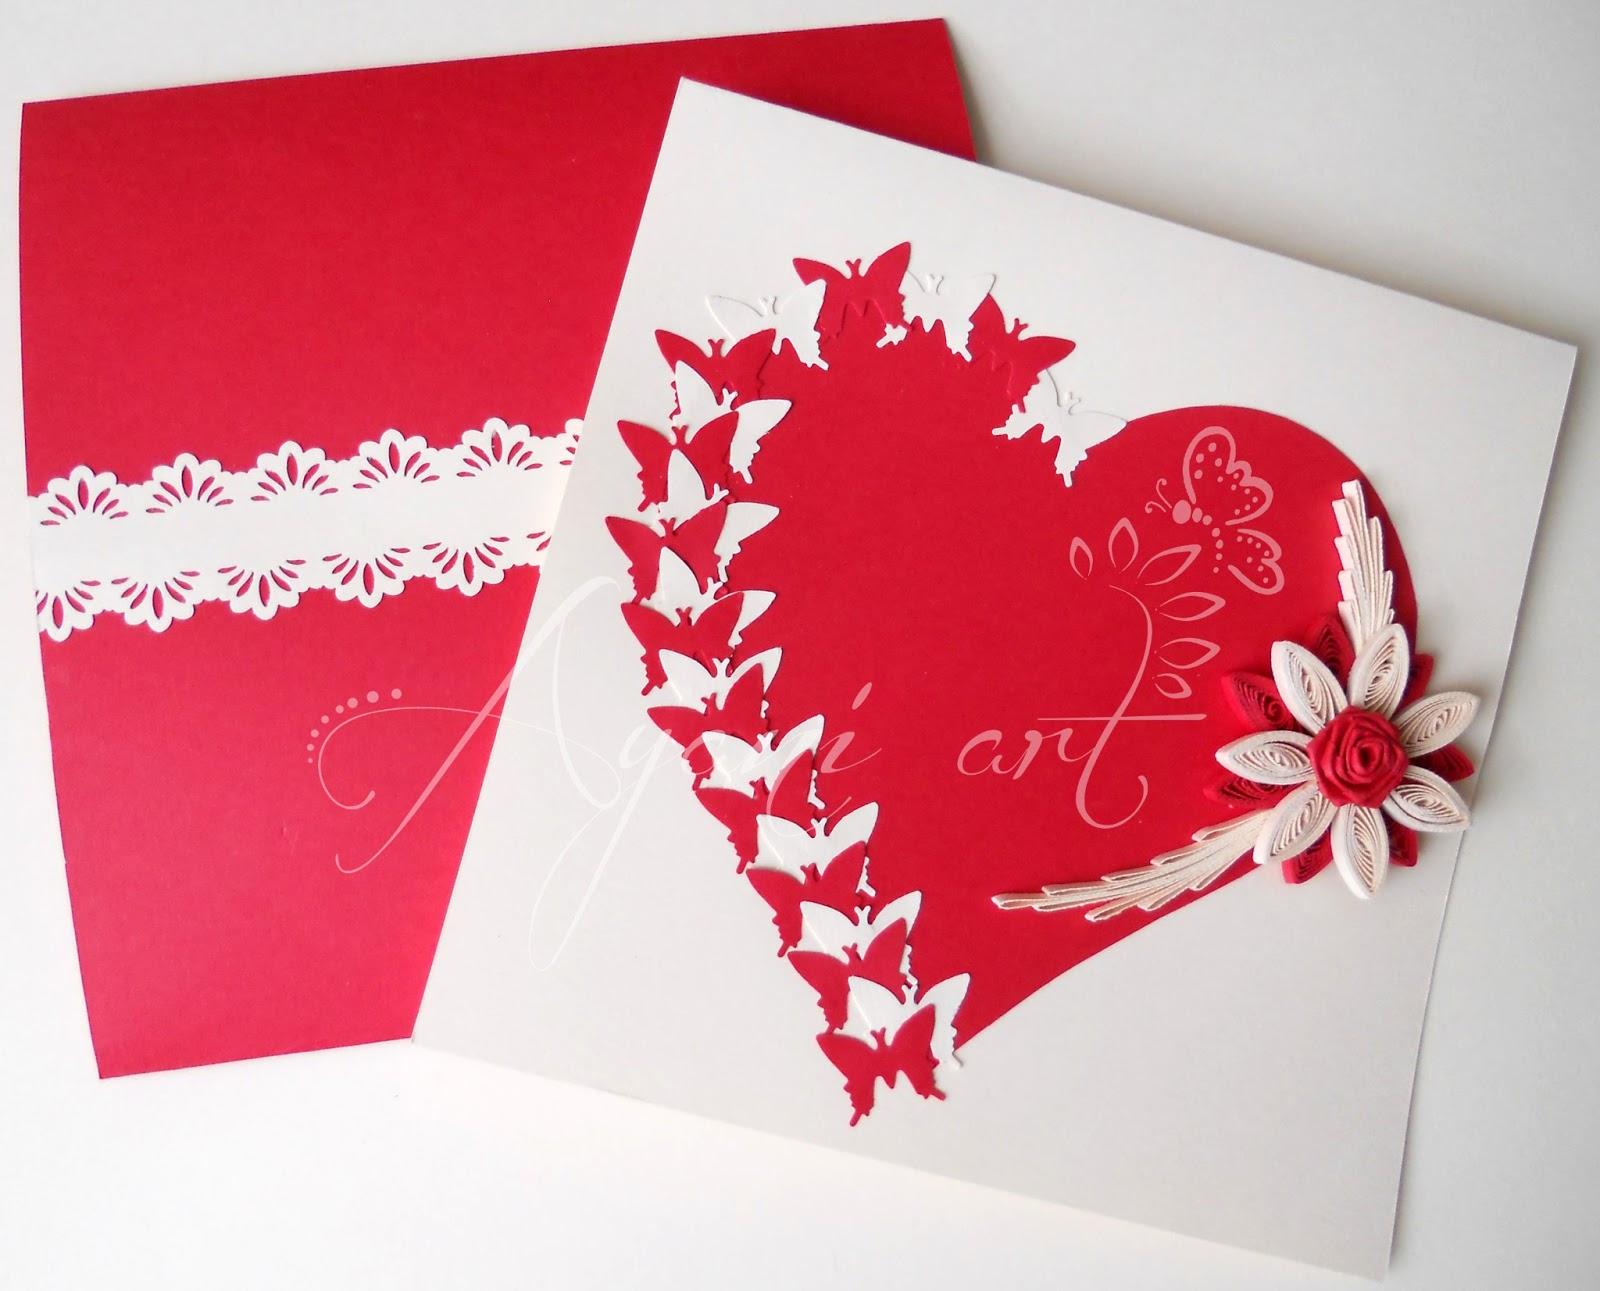 ayani art quilled butterflies valentine